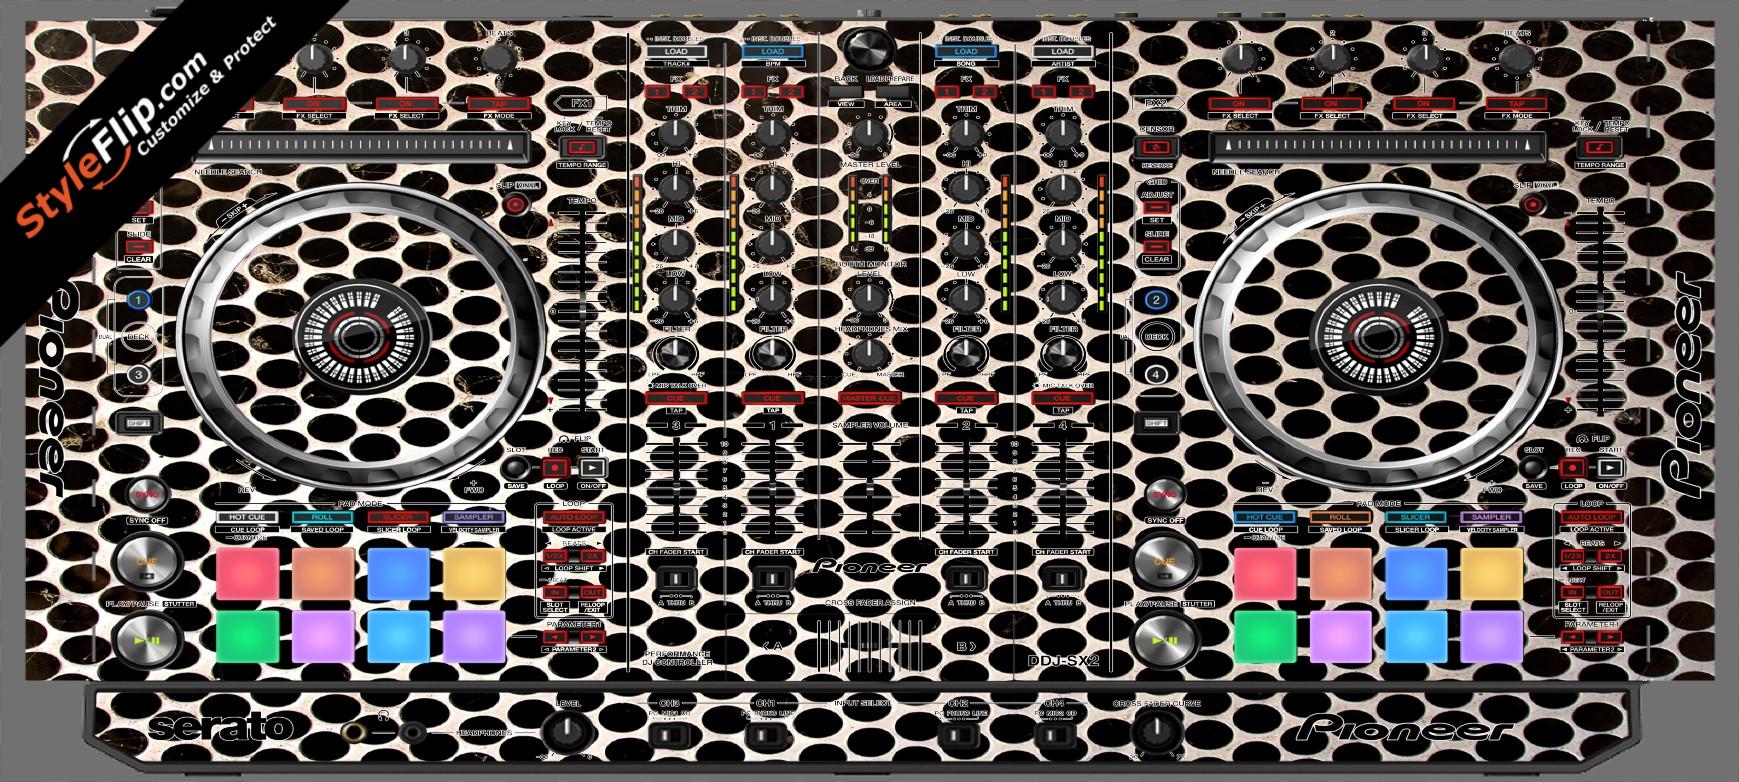 Bass Face Pioneer DDJ-SX2